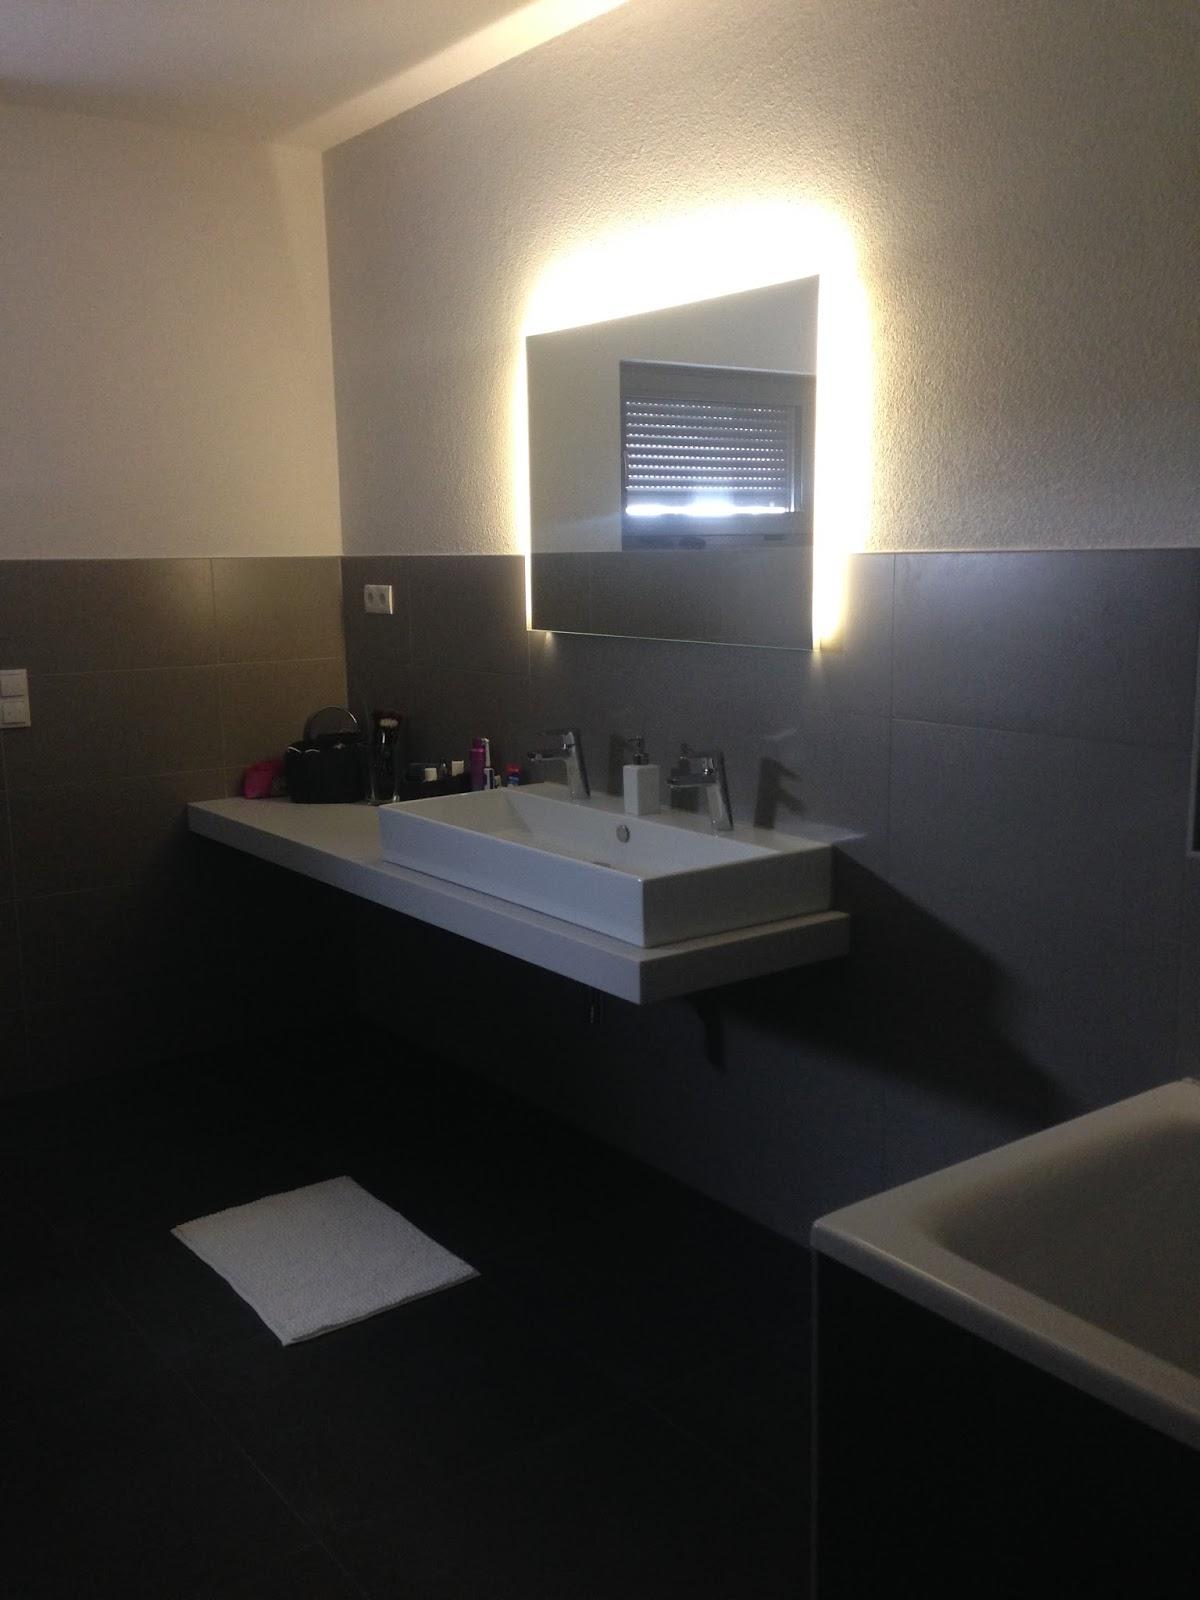 mit deko hausbau gmbh zur verwirklichung unserer. Black Bedroom Furniture Sets. Home Design Ideas